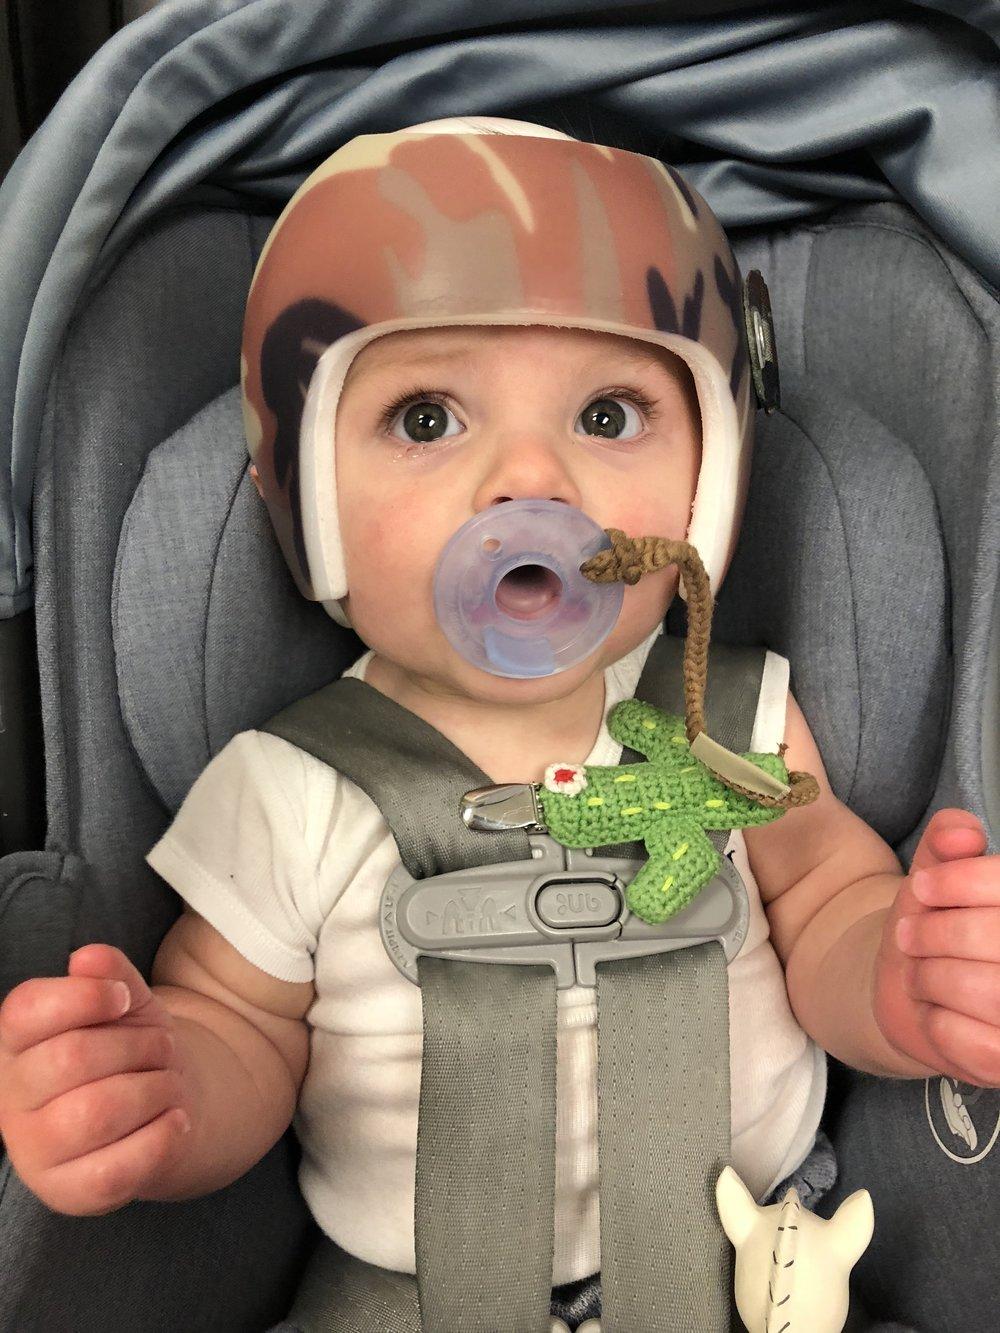 Jett Jones 7 Month Update.  Starband helmet to fix flat spot.